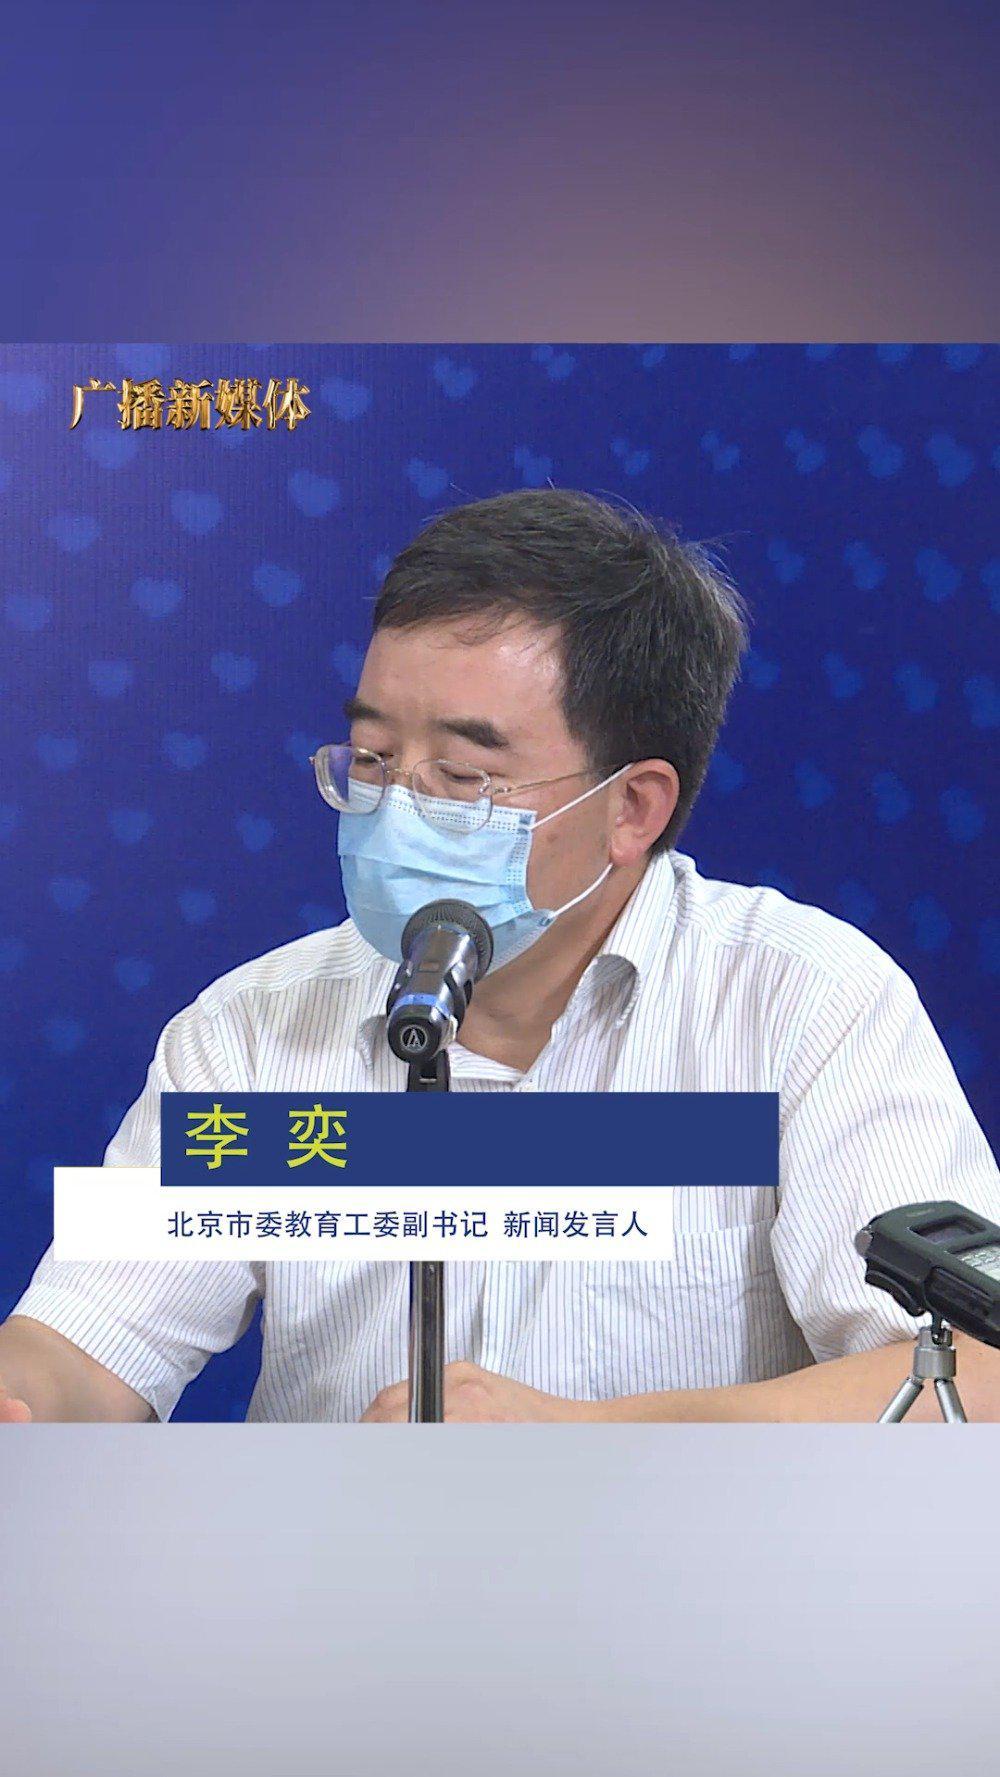 北京市教委:新高考命题原则及试题难度没有变化